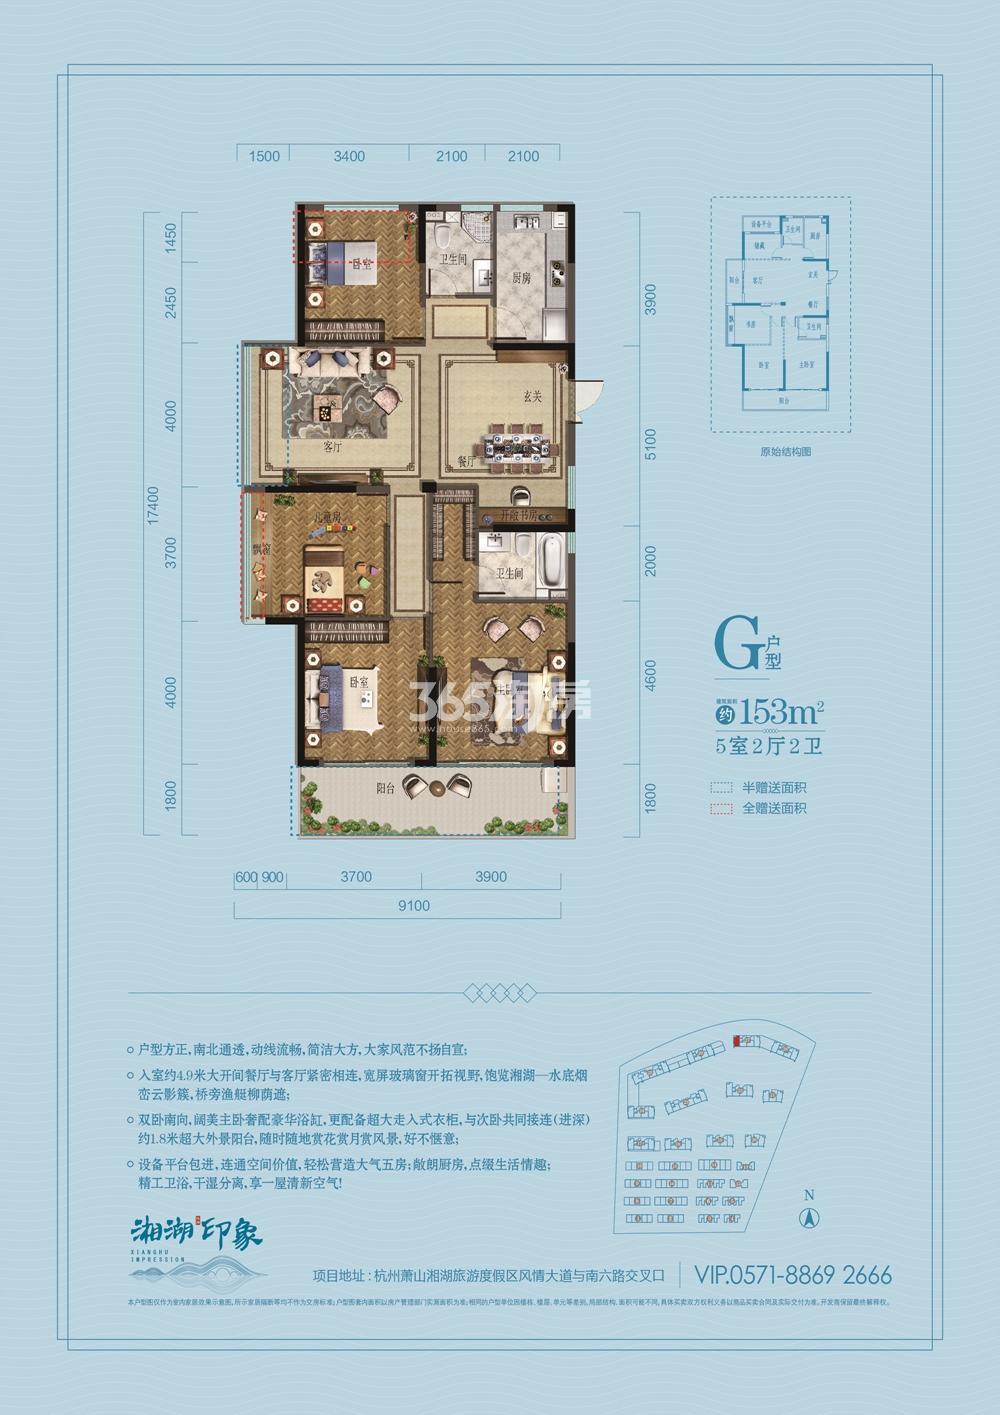 佳源湘湖印象高层G户型153方(27#)